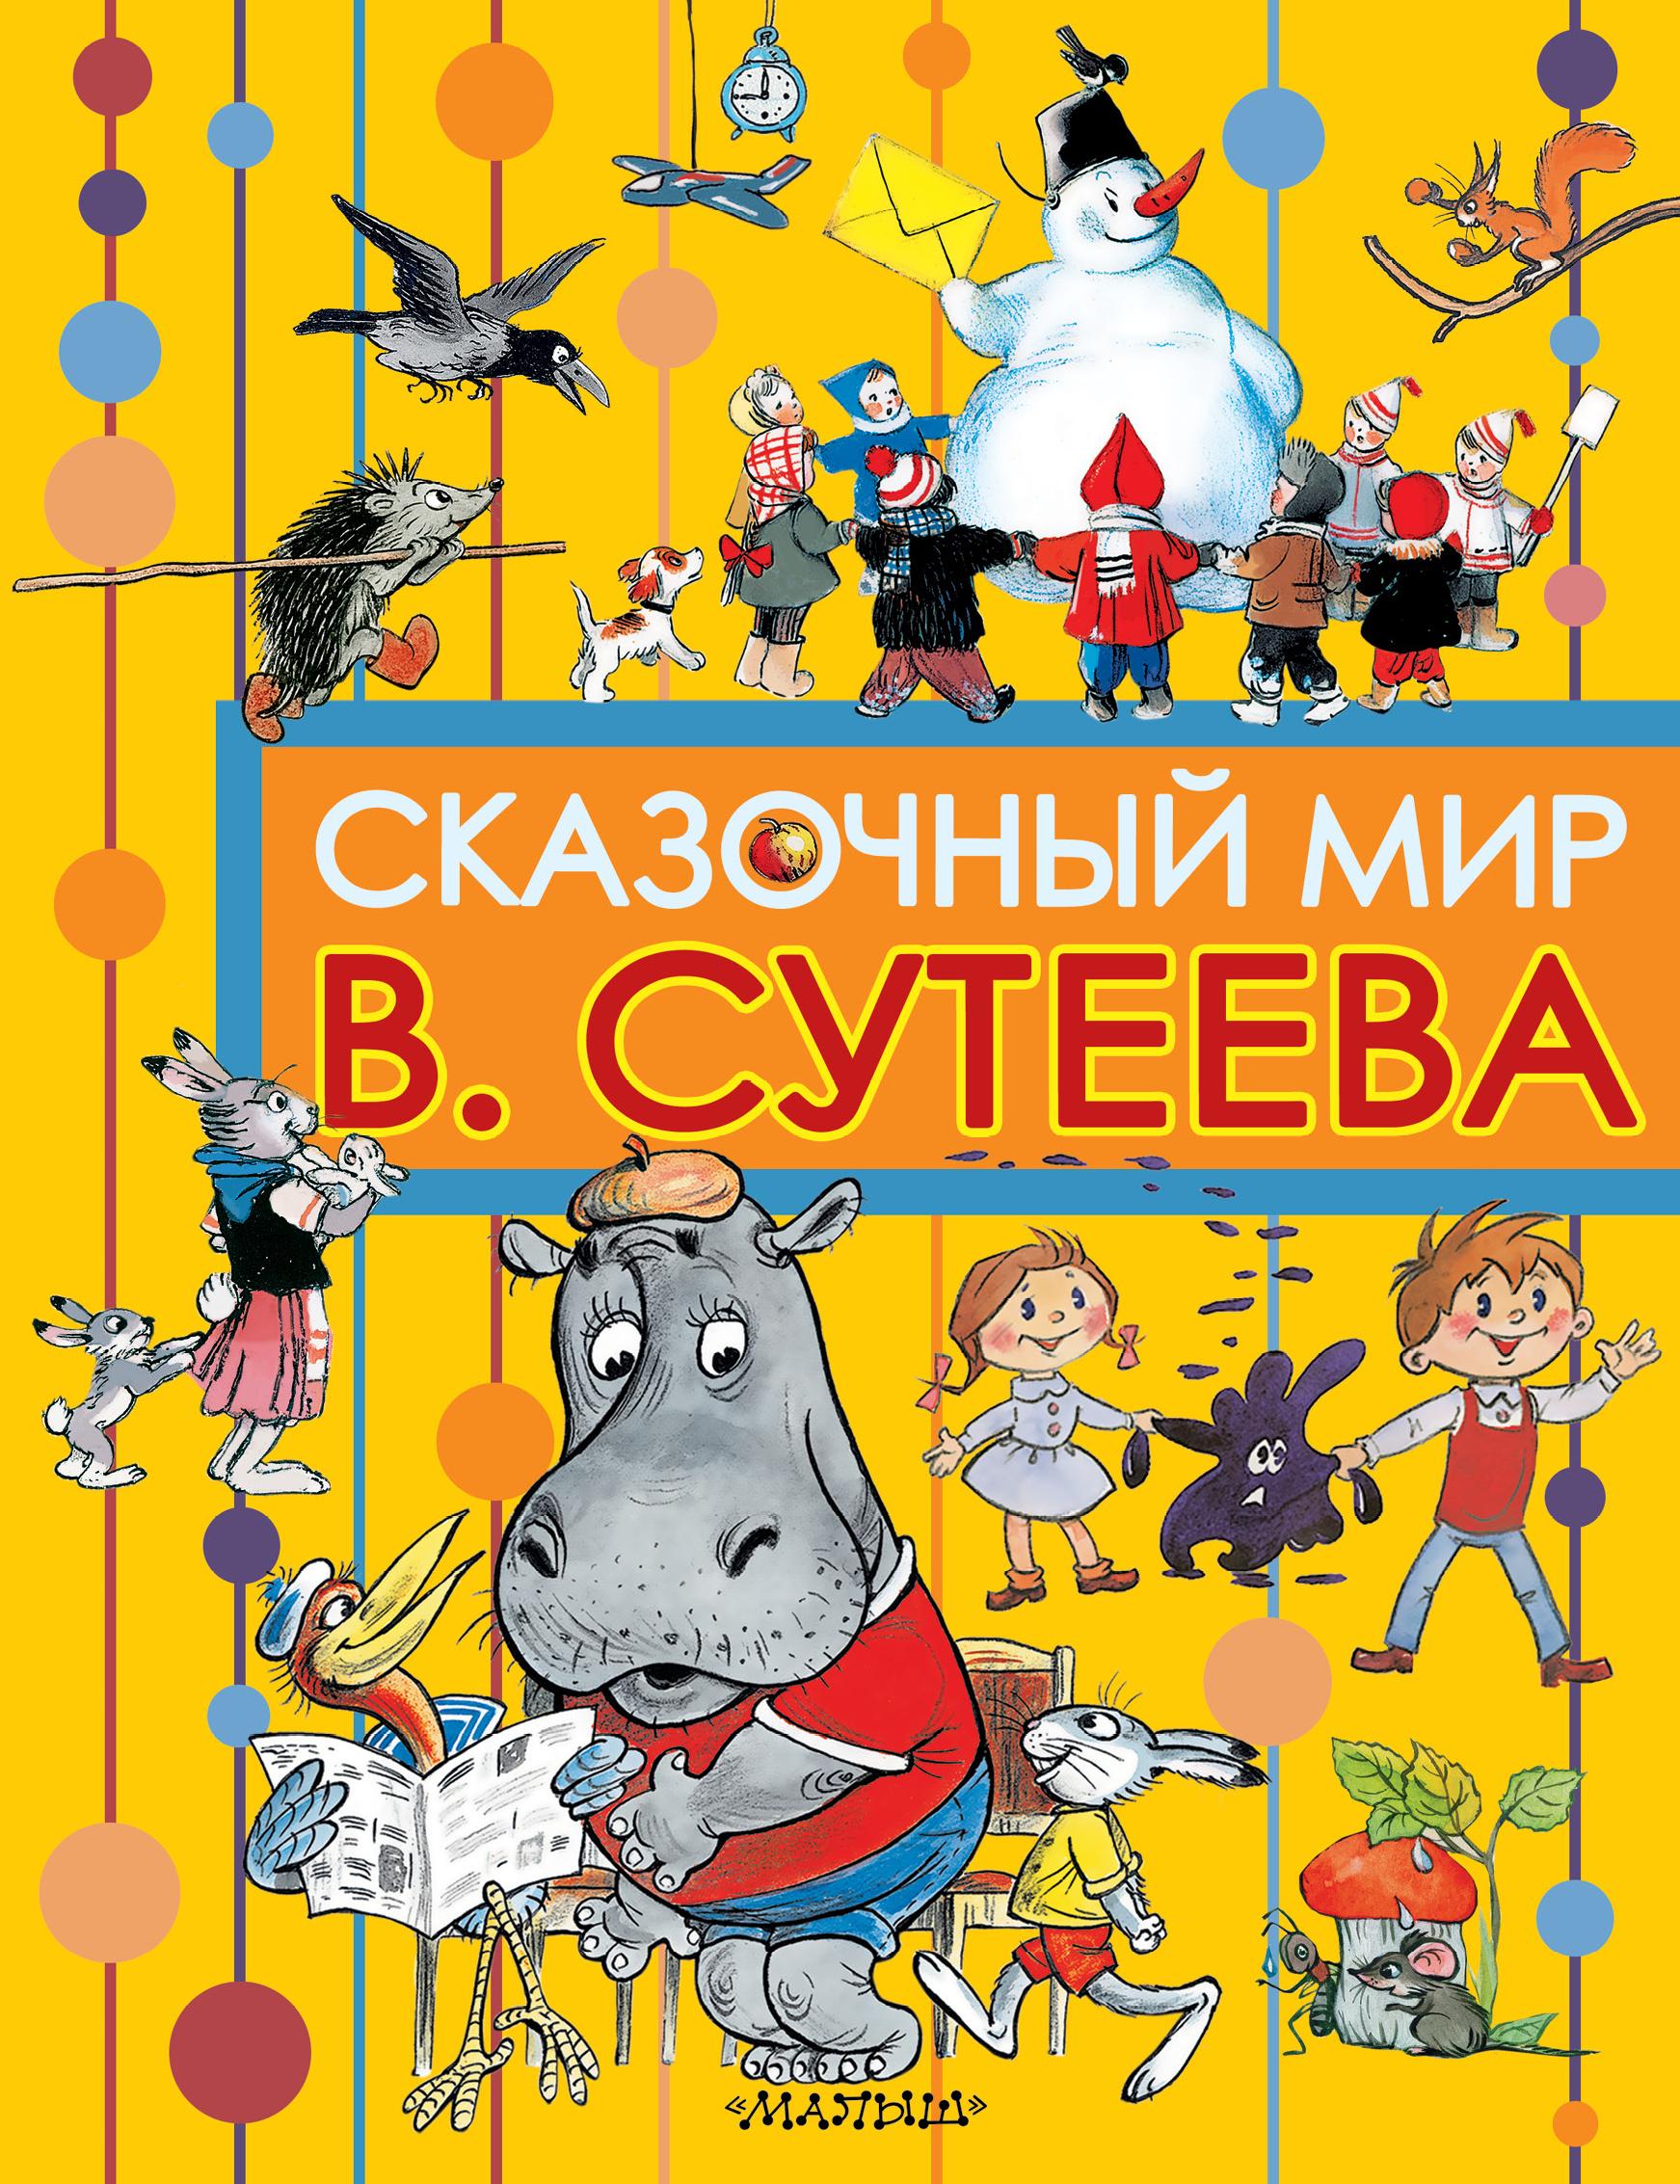 Сутеев В.Г. Сказочный мир В. Сутеева